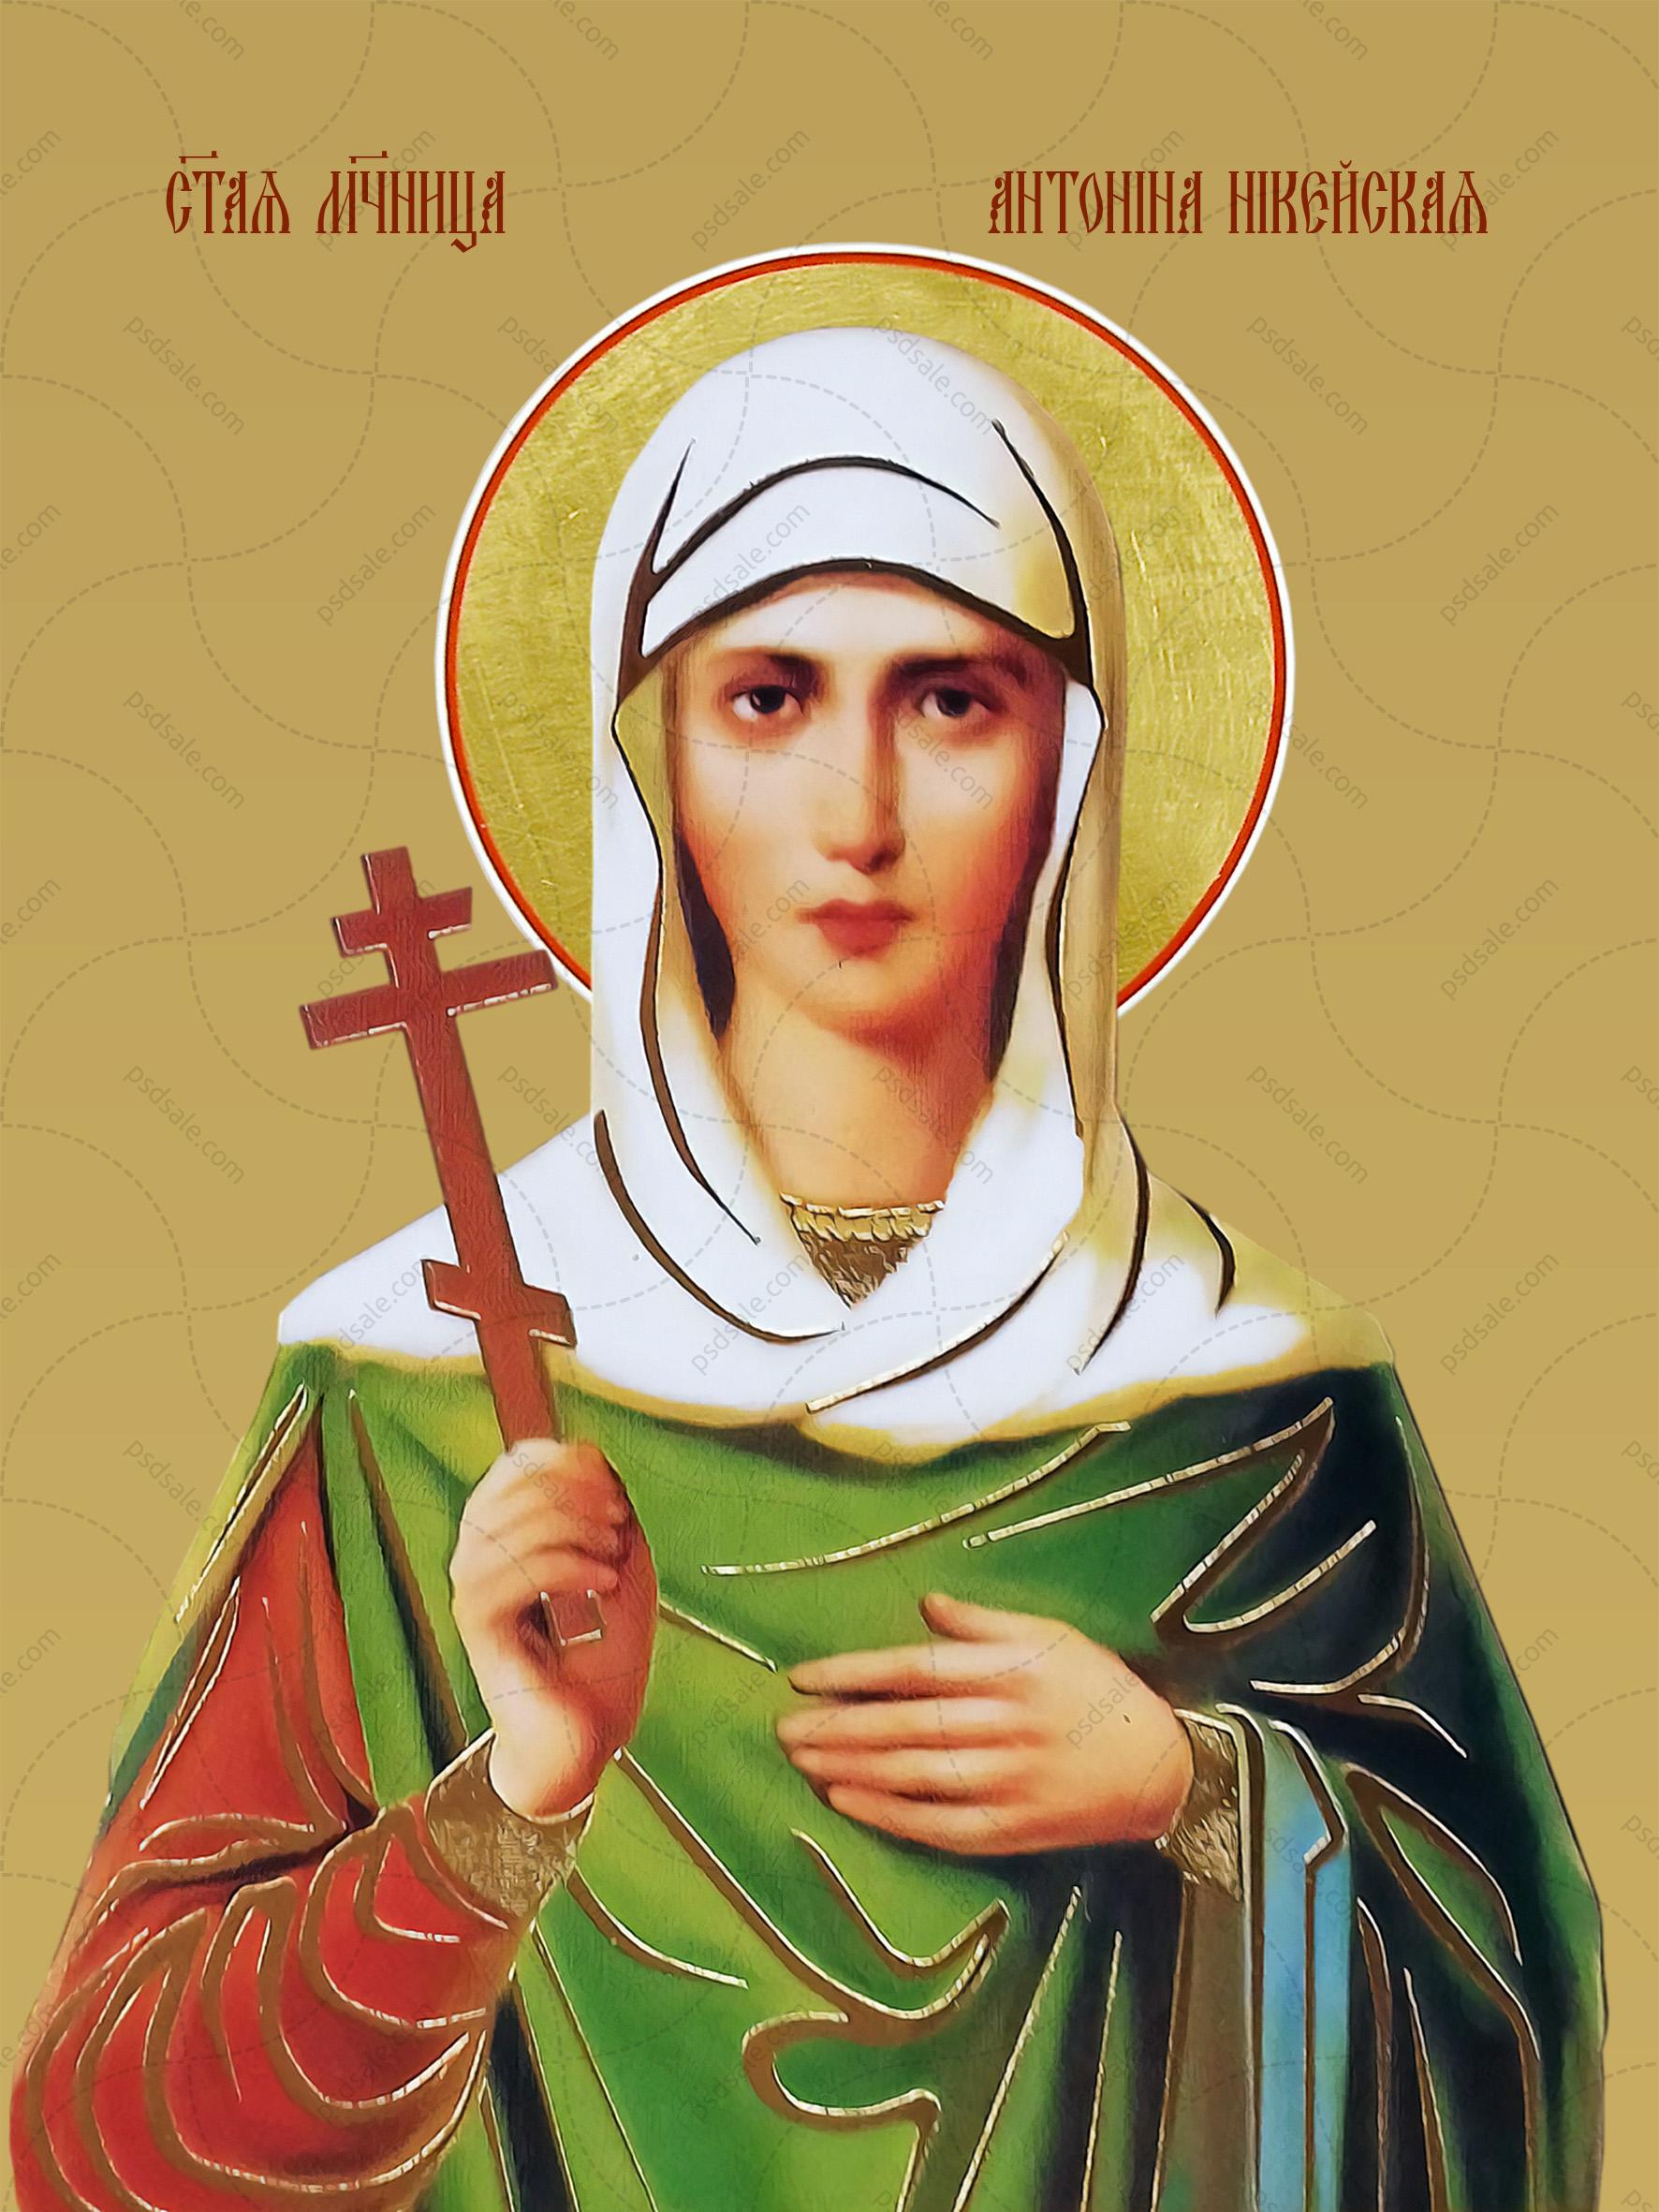 Антонина Никейская, мученица